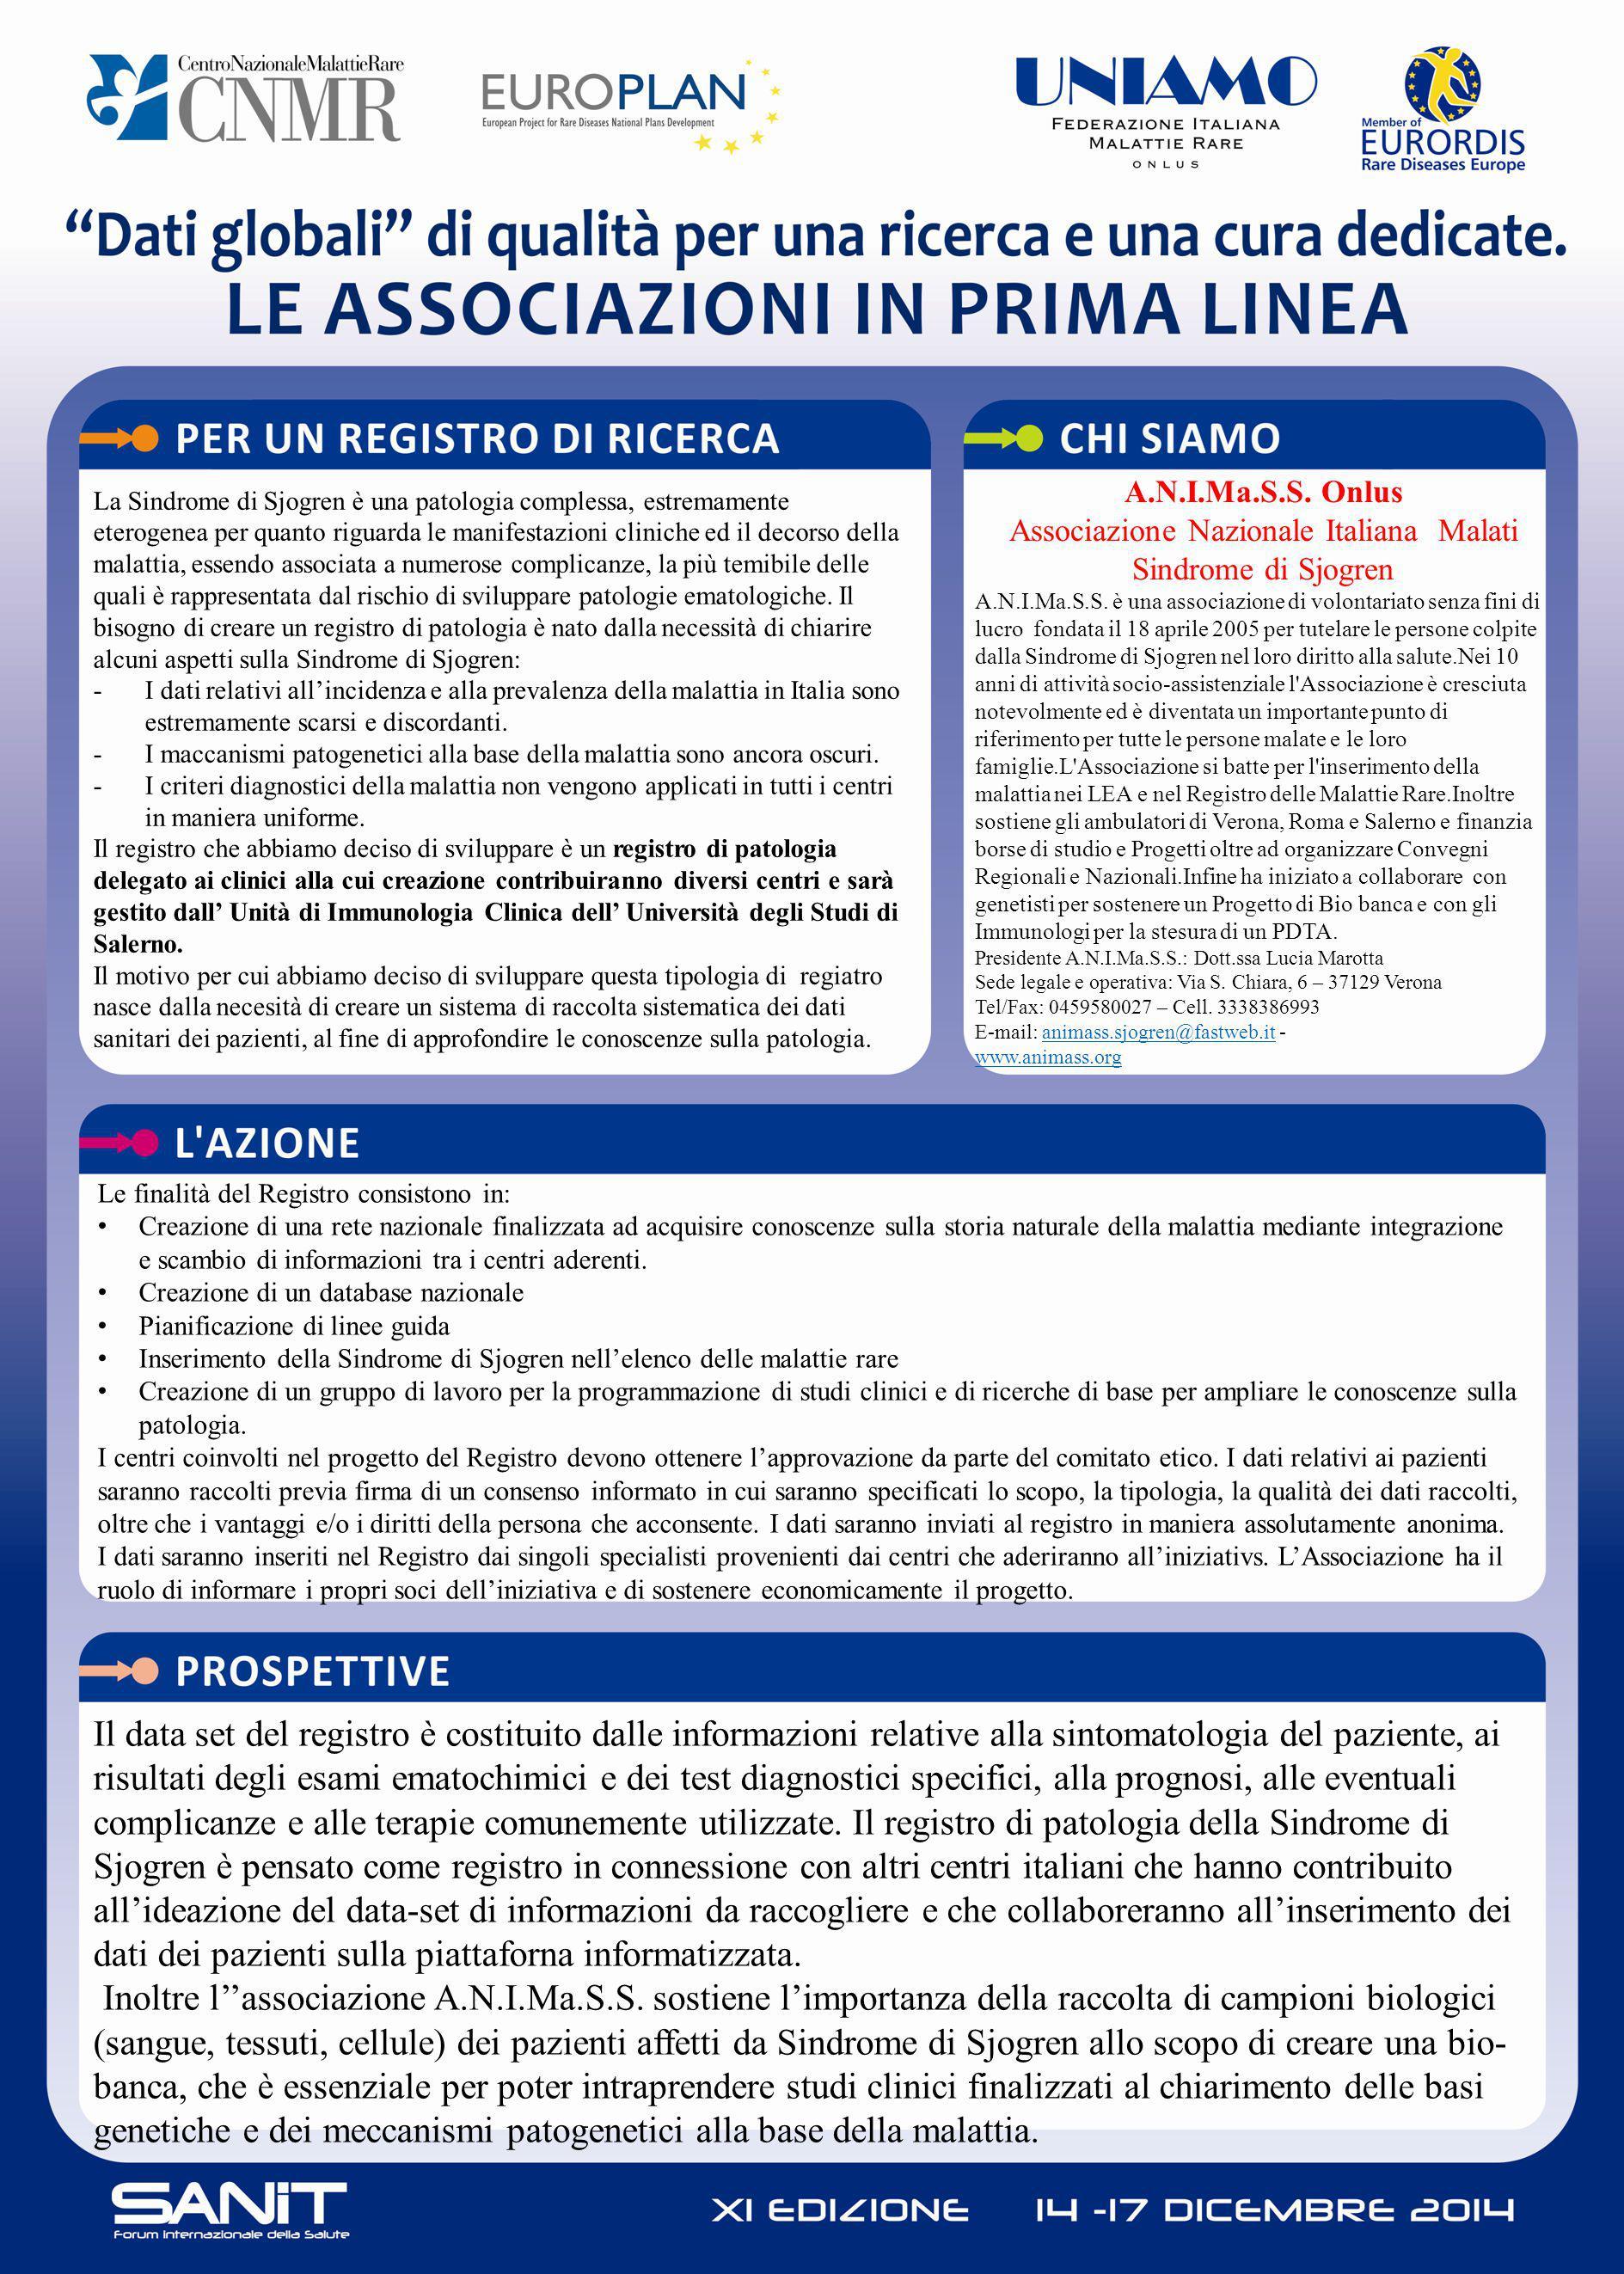 A.N.I.Ma.S.S. Onlus Associazione Nazionale Italiana Malati Sindrome di Sjogren A.N.I.Ma.S.S.